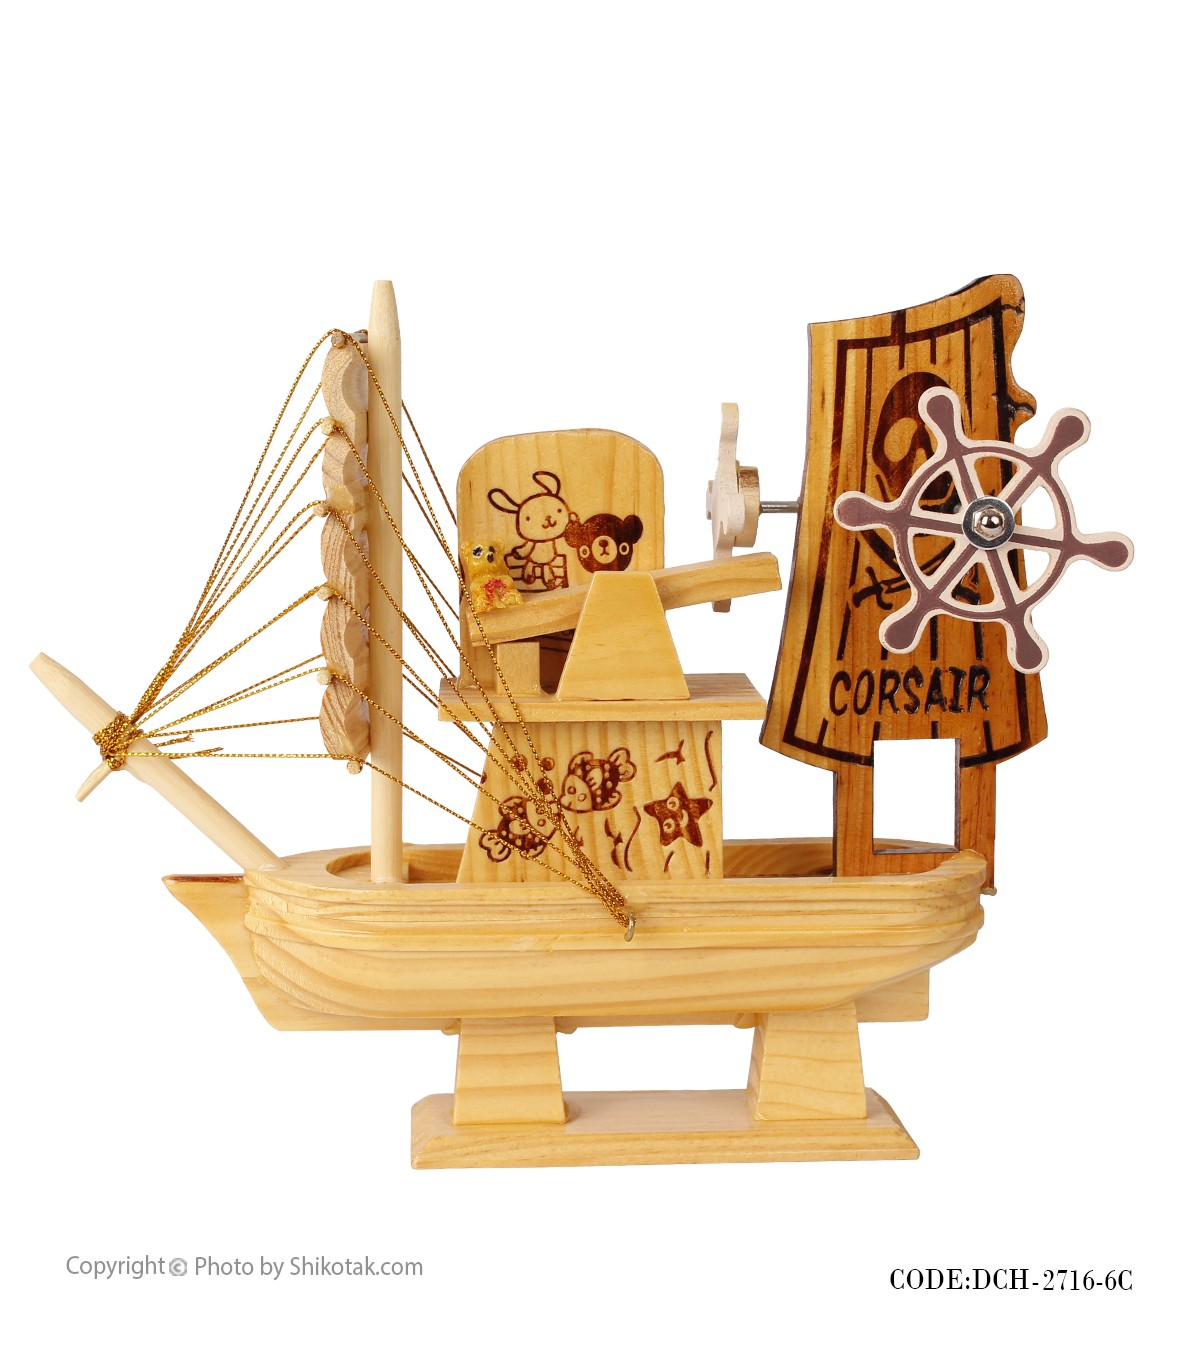 خرید کشتی دکوری چوبی موزیکال سری 6C